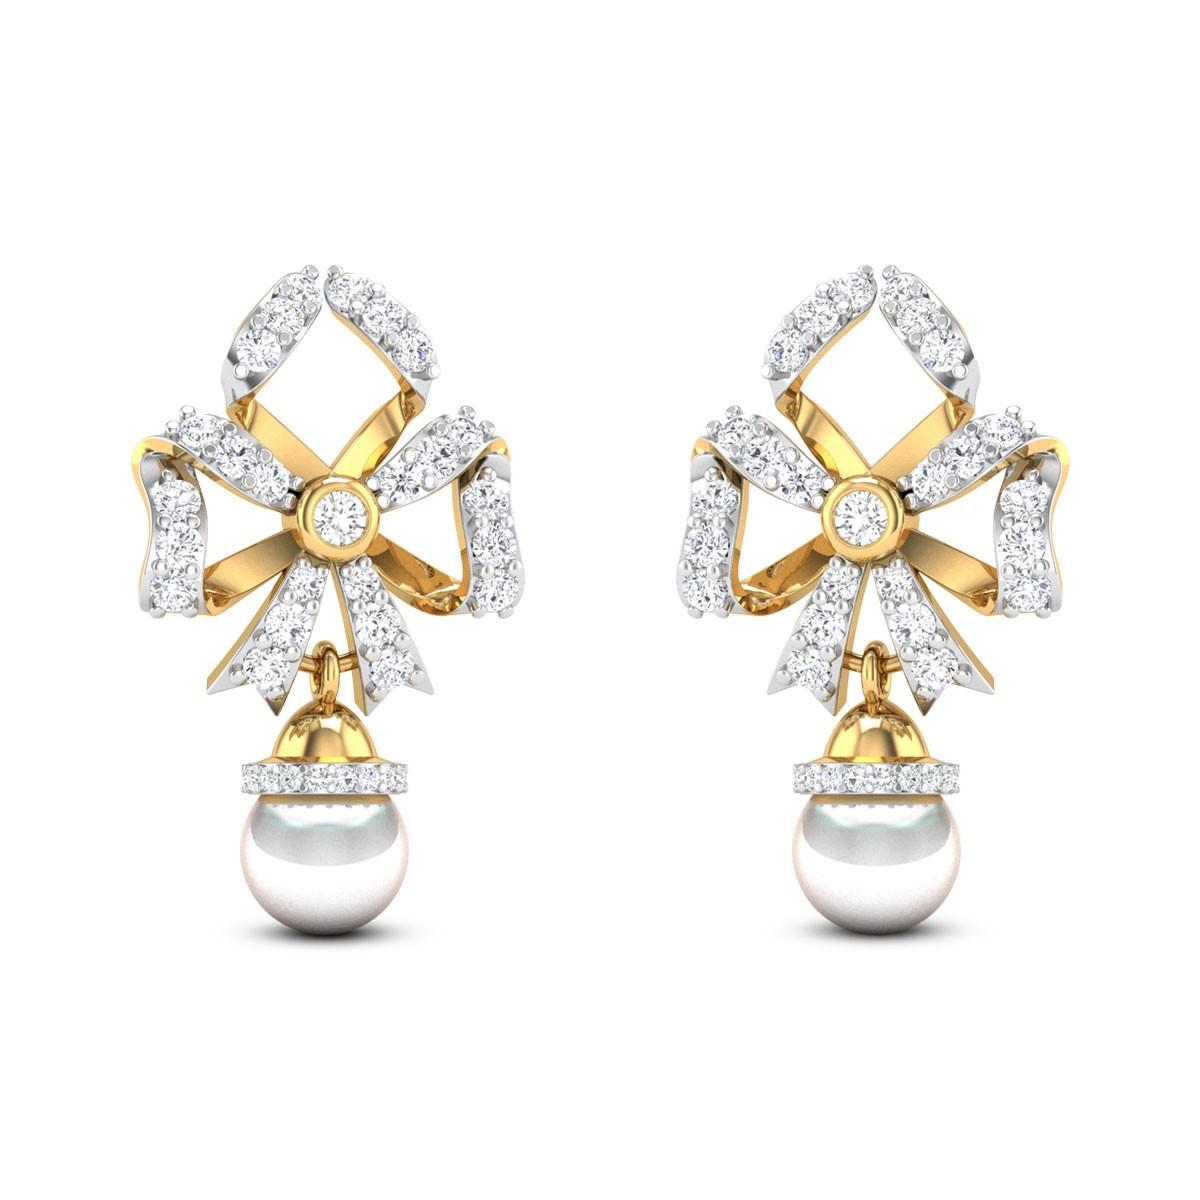 Bowed Pearl Drop Stud Earrings